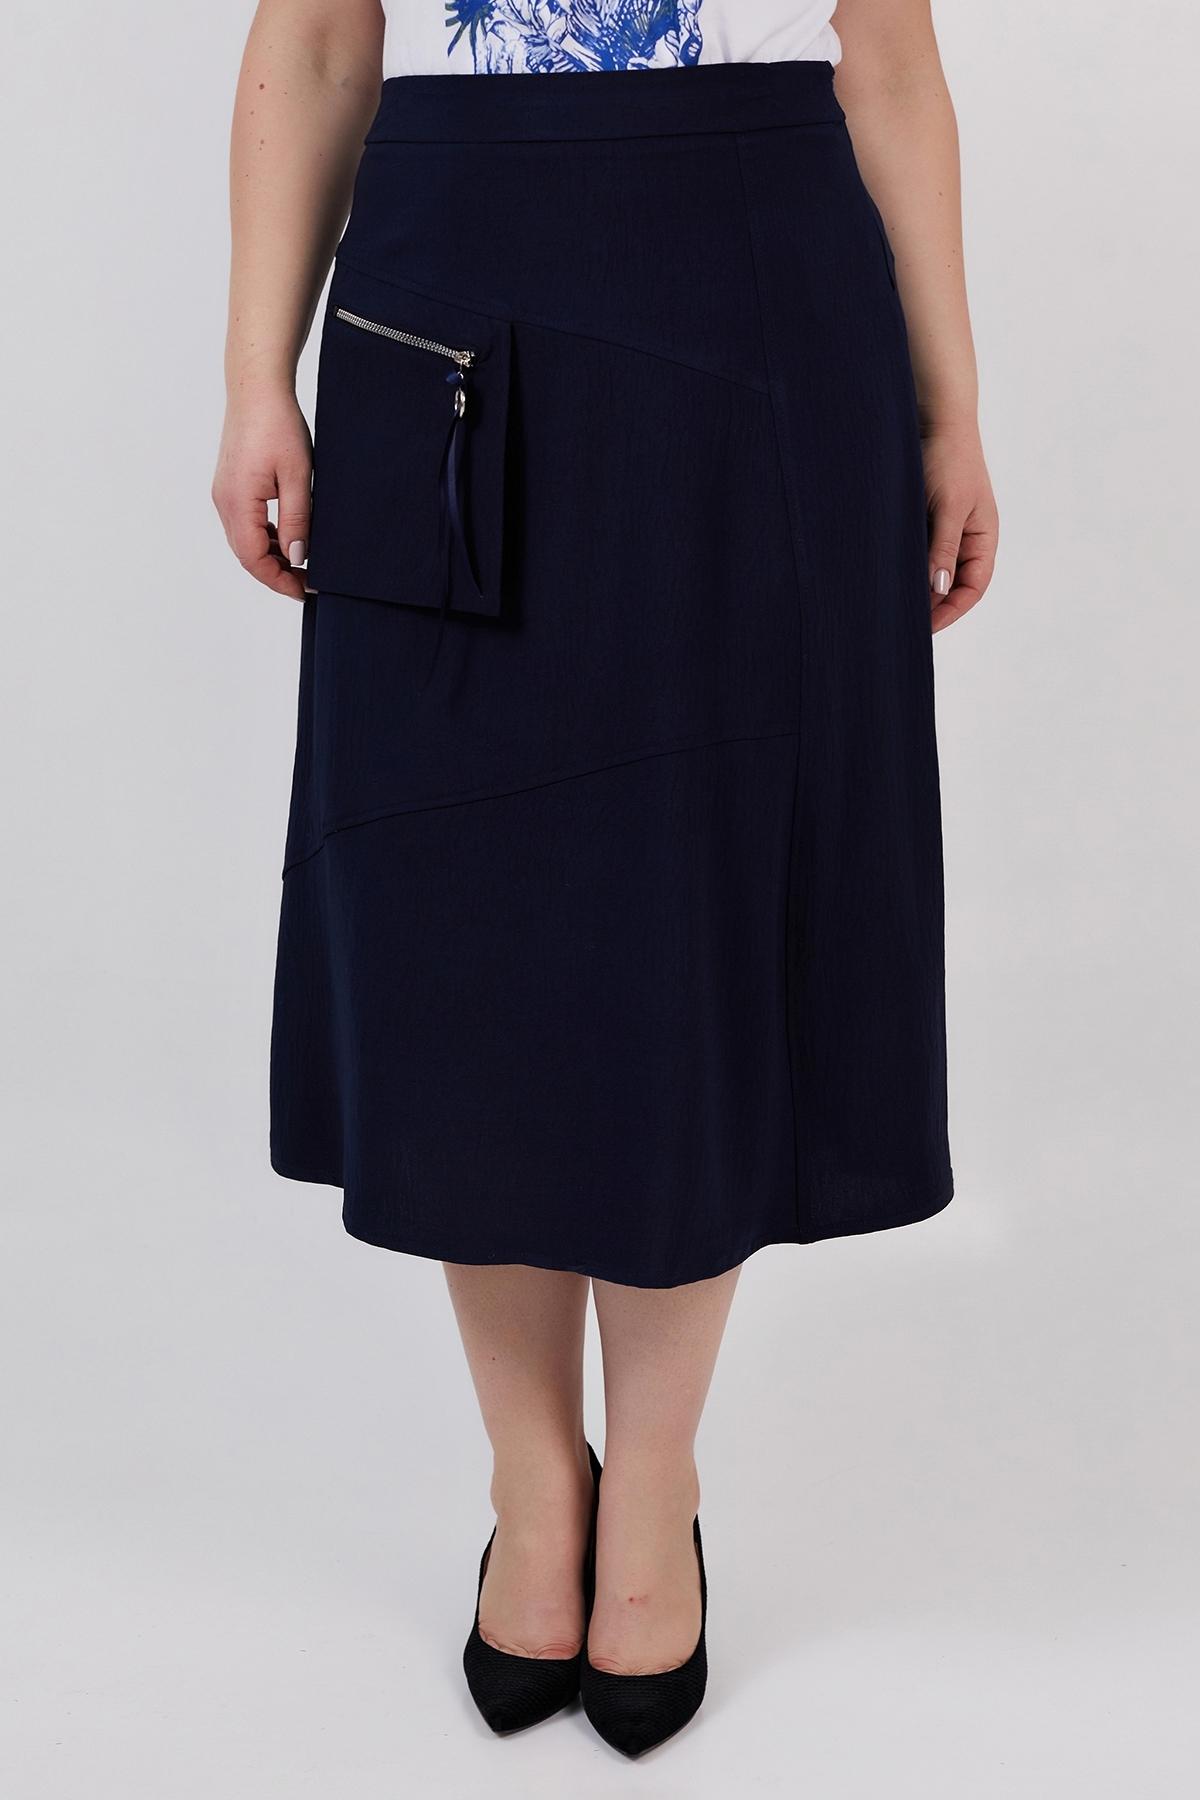 Юбка Фрезия (темно-синий)